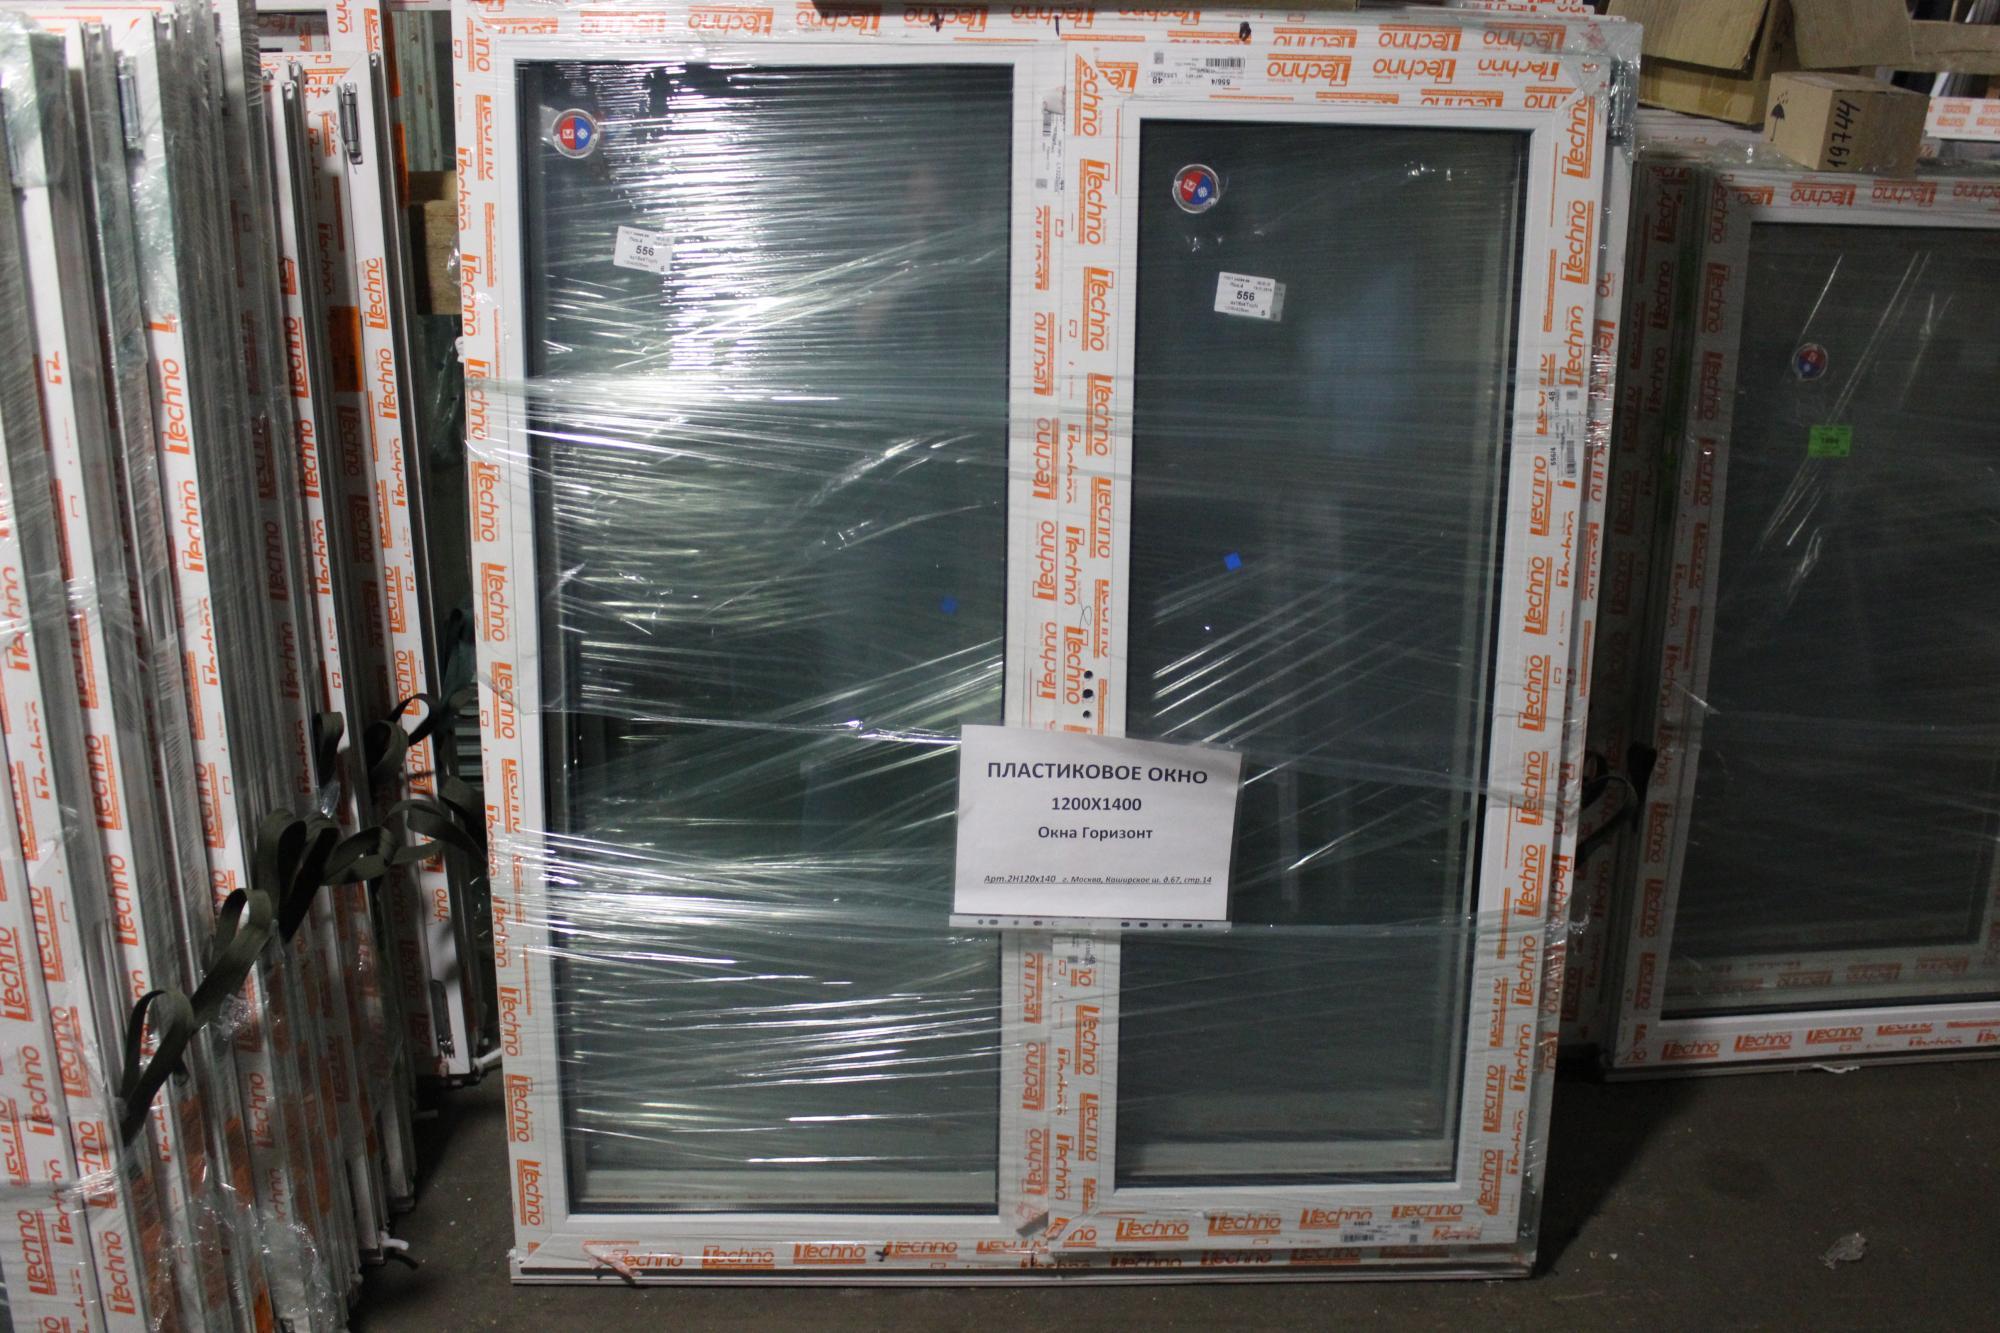 Готовое окно двухстворчатое 1200x1400 (ШxВ) в Москве 89253899134 купить 1